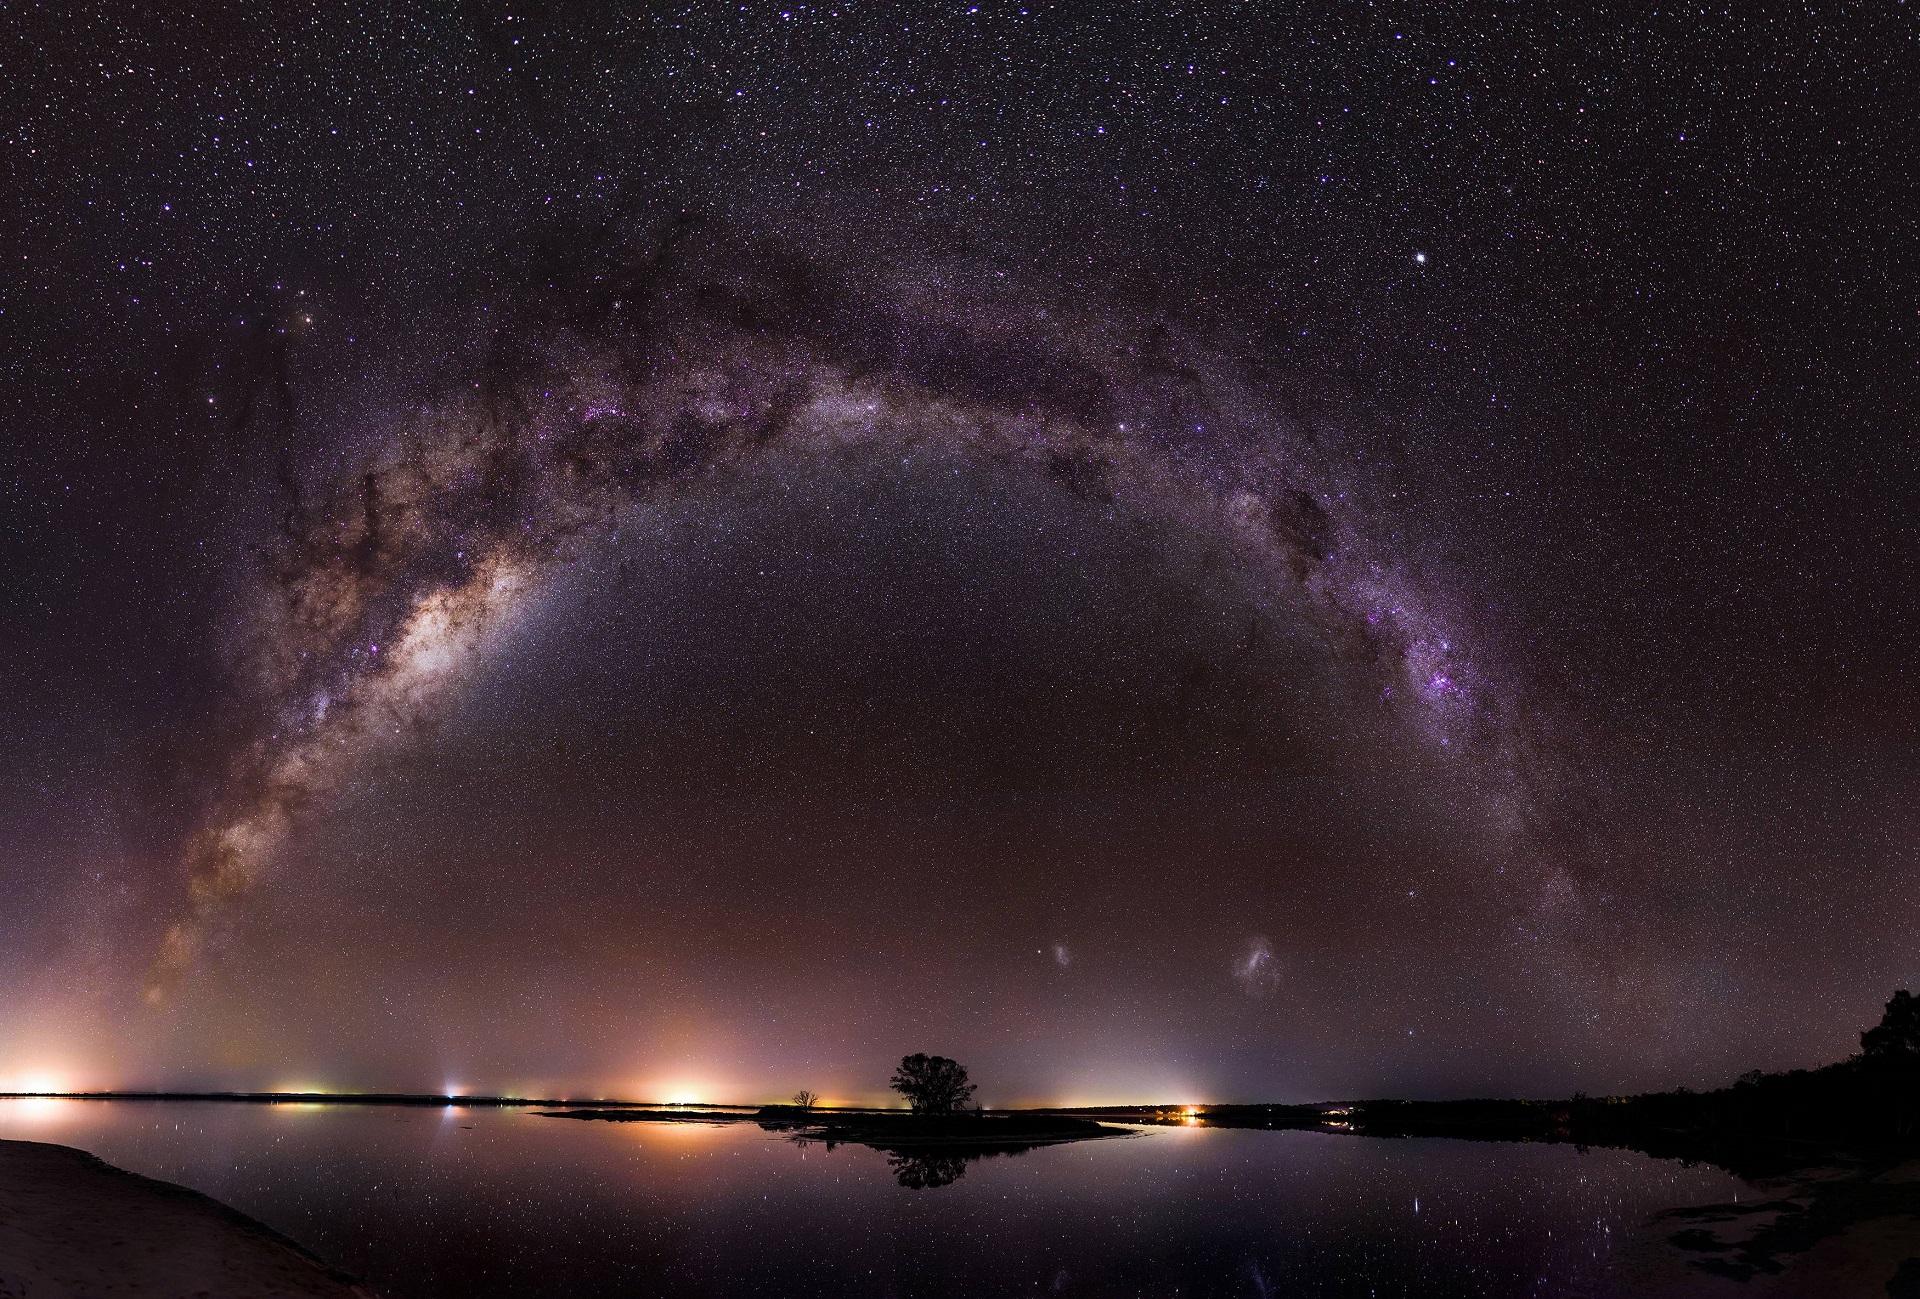 забудь лучшие фото звездного неба подобранной вещью